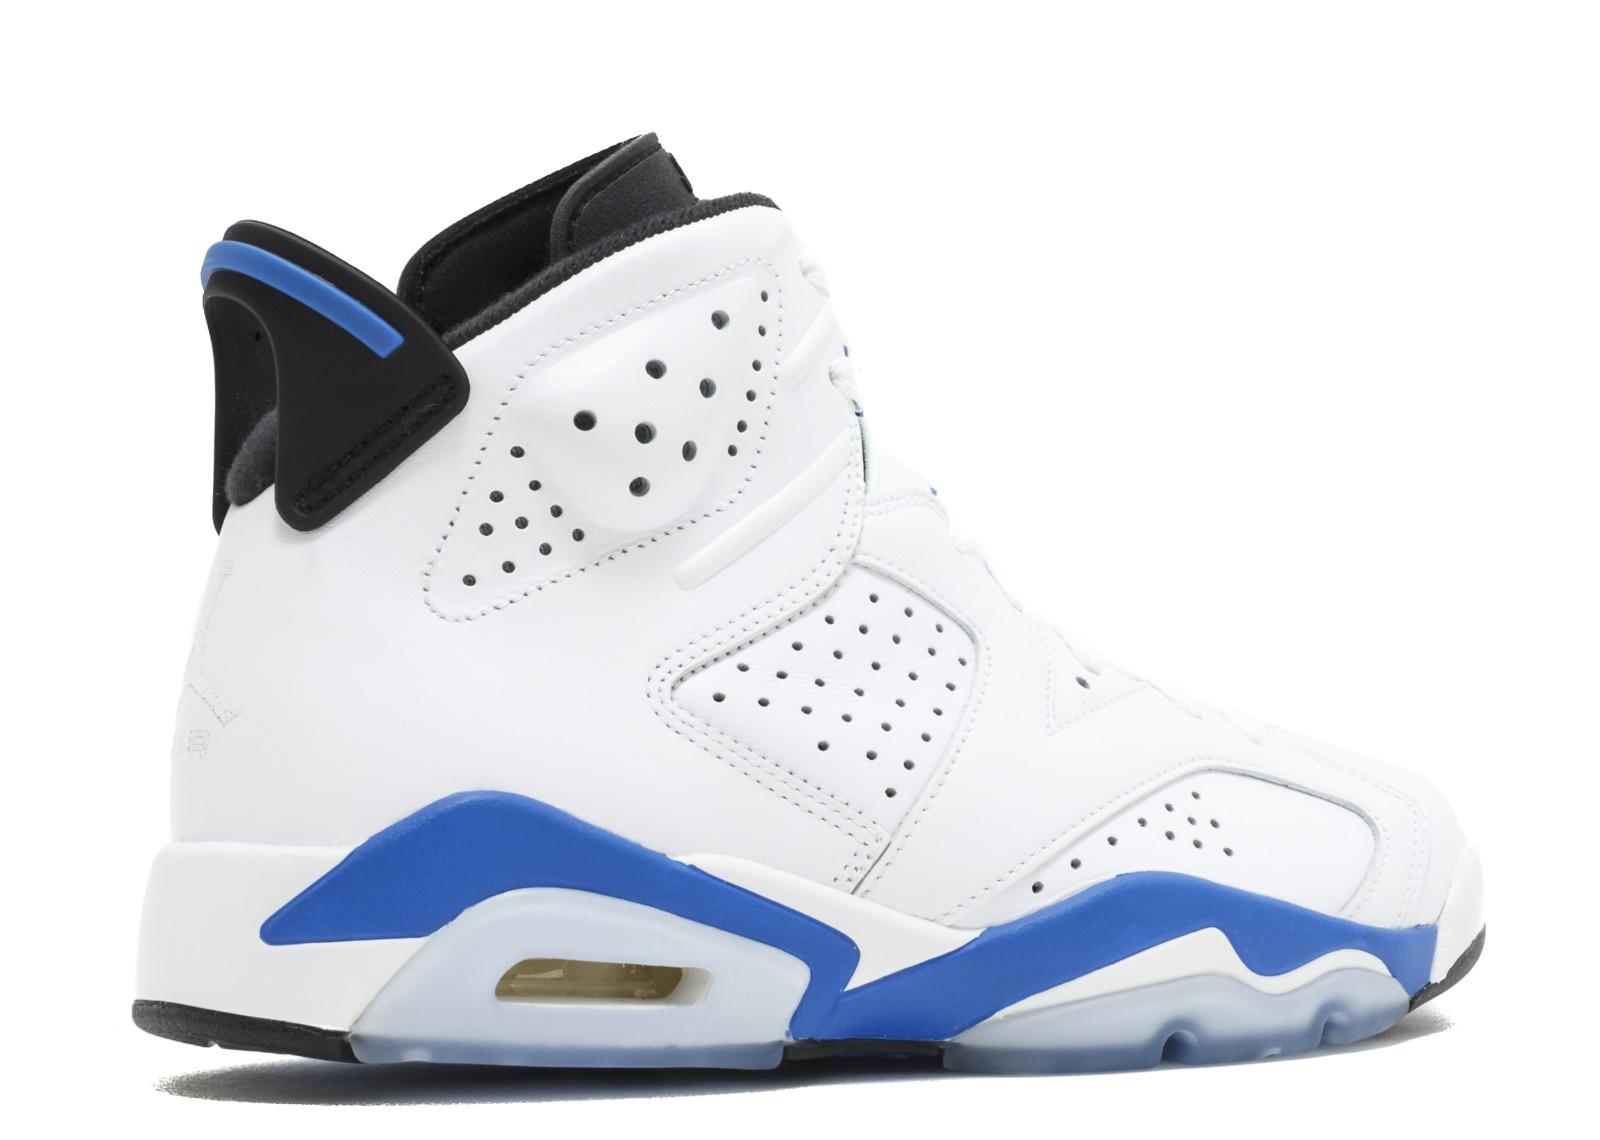 f60f5f6dcd8 Jordan 6 Retro Sport Blue (2014) - 3